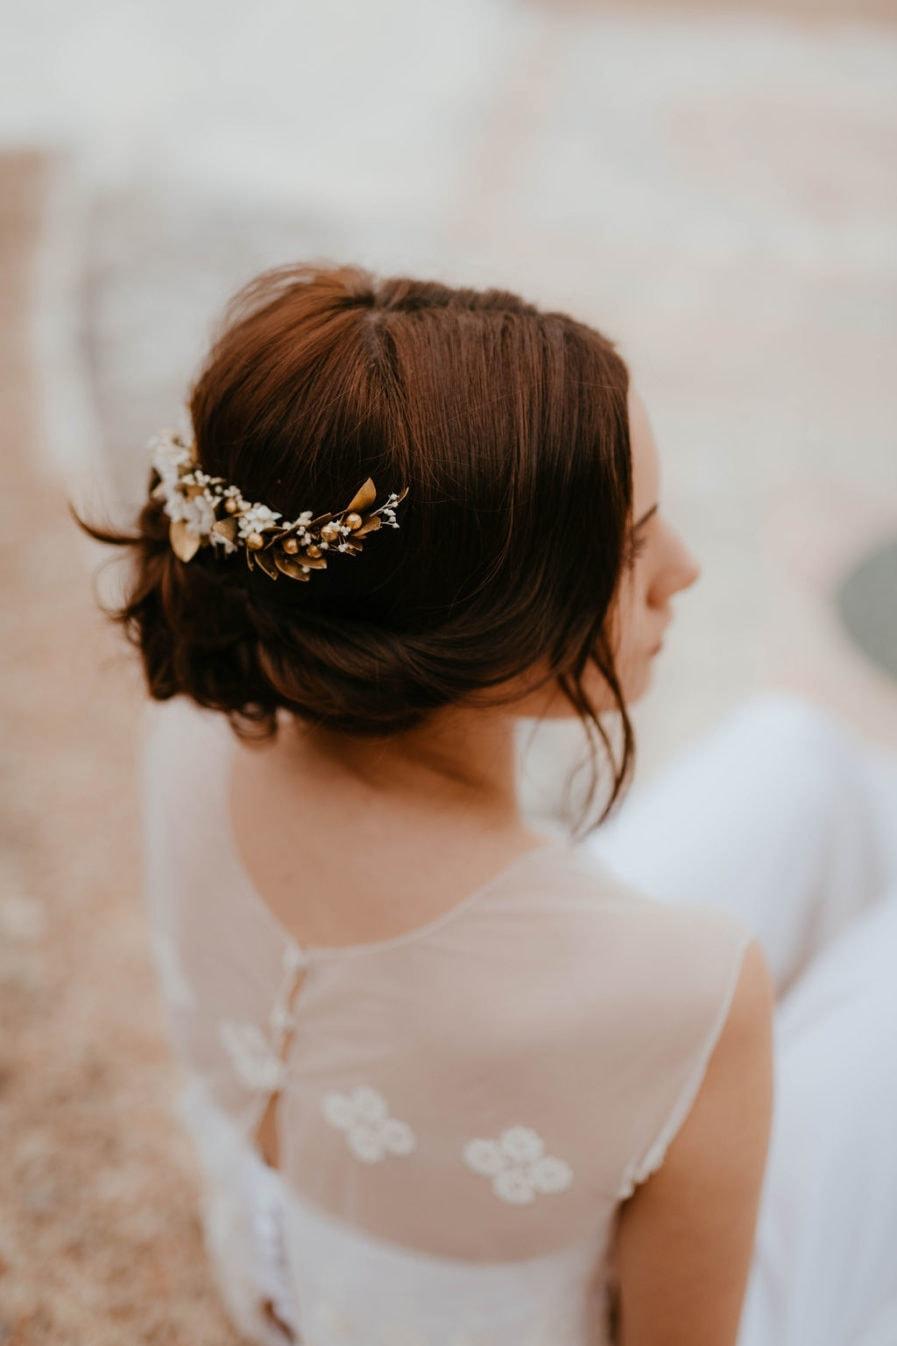 Peigne de mariée Ori long - Anaïs Nannini Photographie - Les Fleurs Dupont - Mariage chic et mode